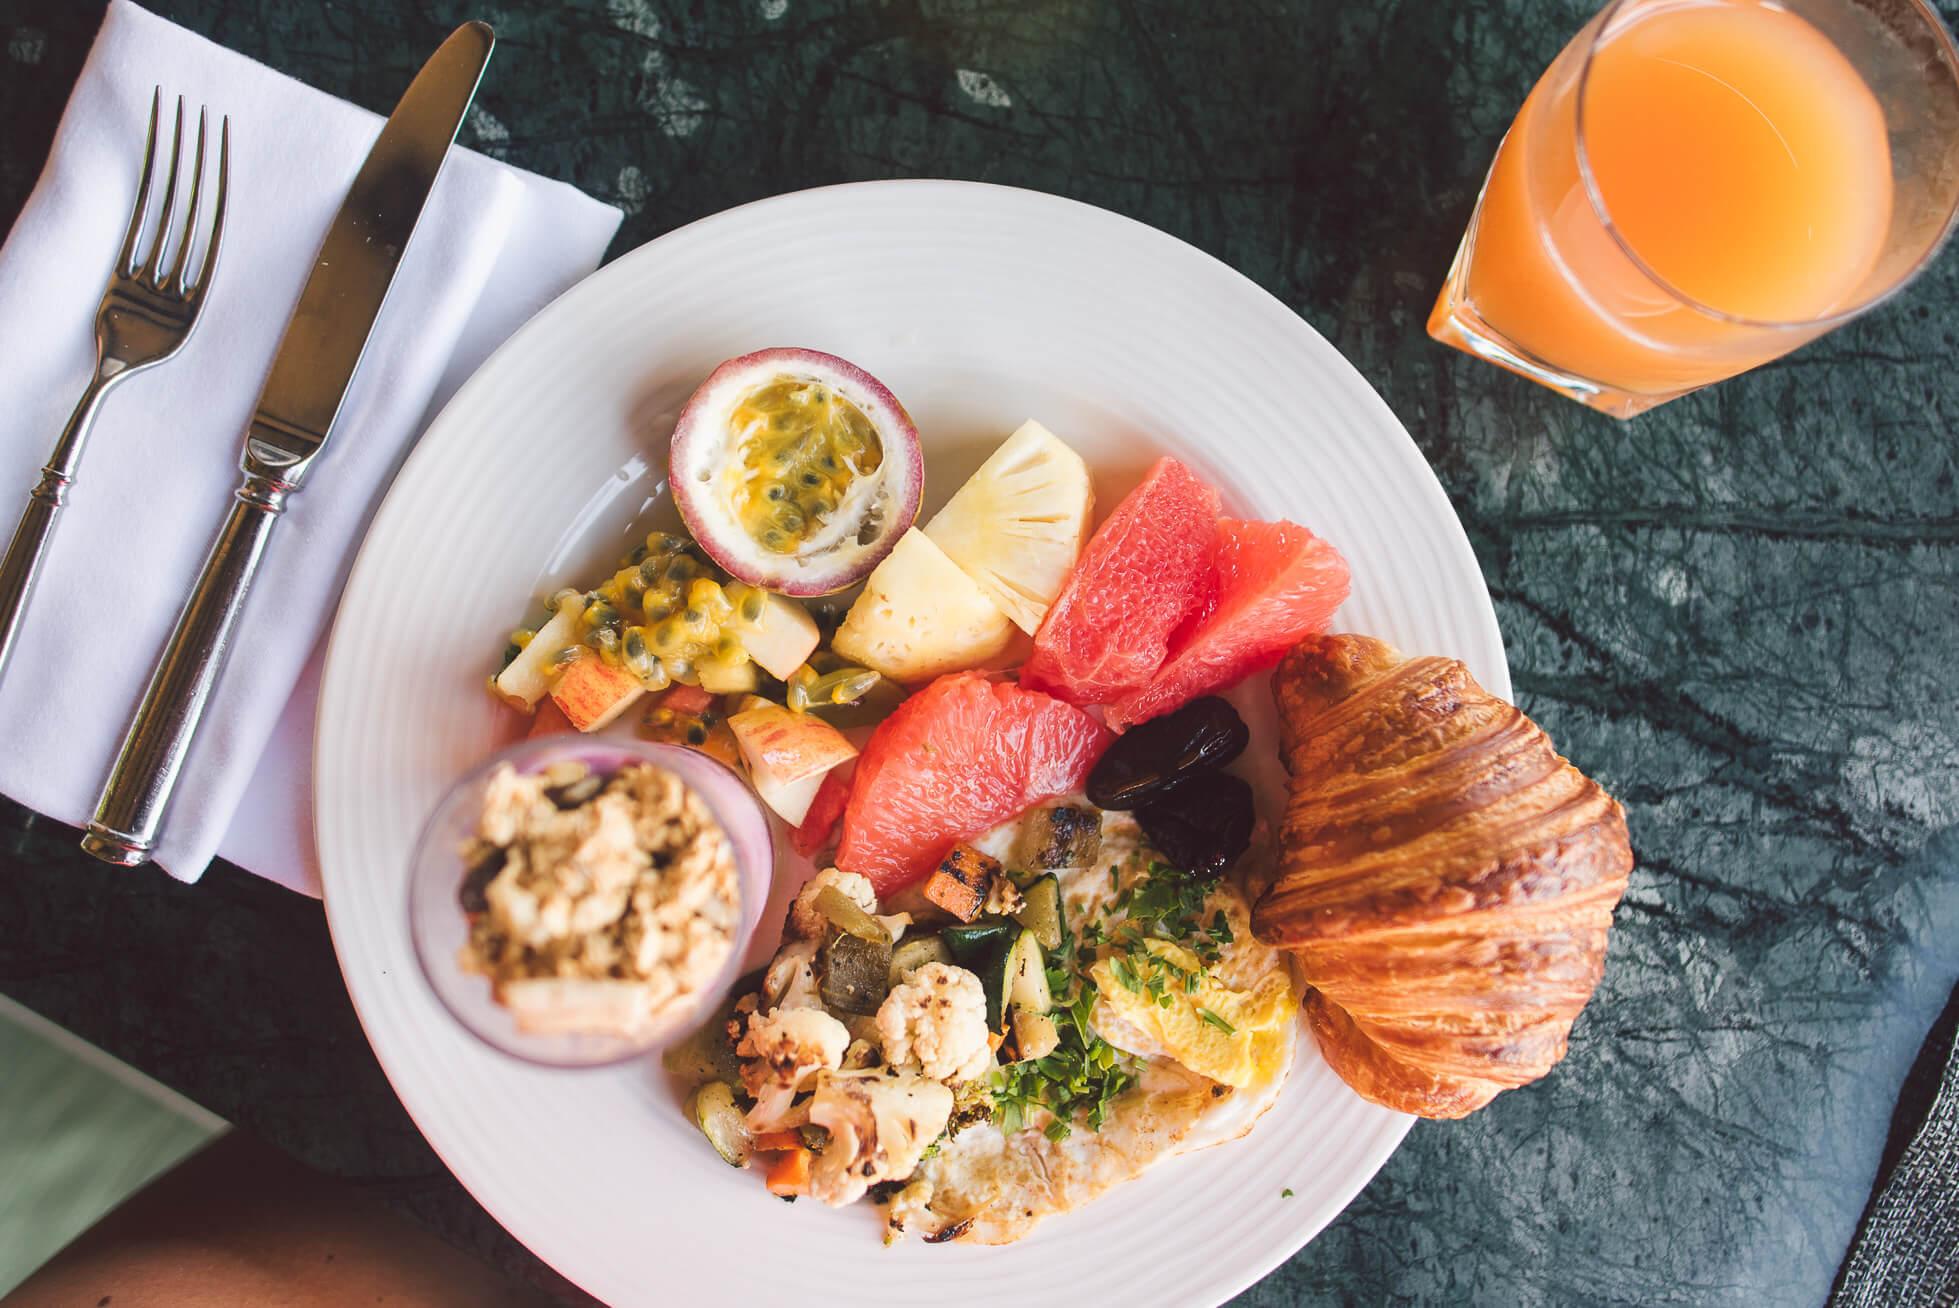 janni-deler-breakfast-viewDSC_3876